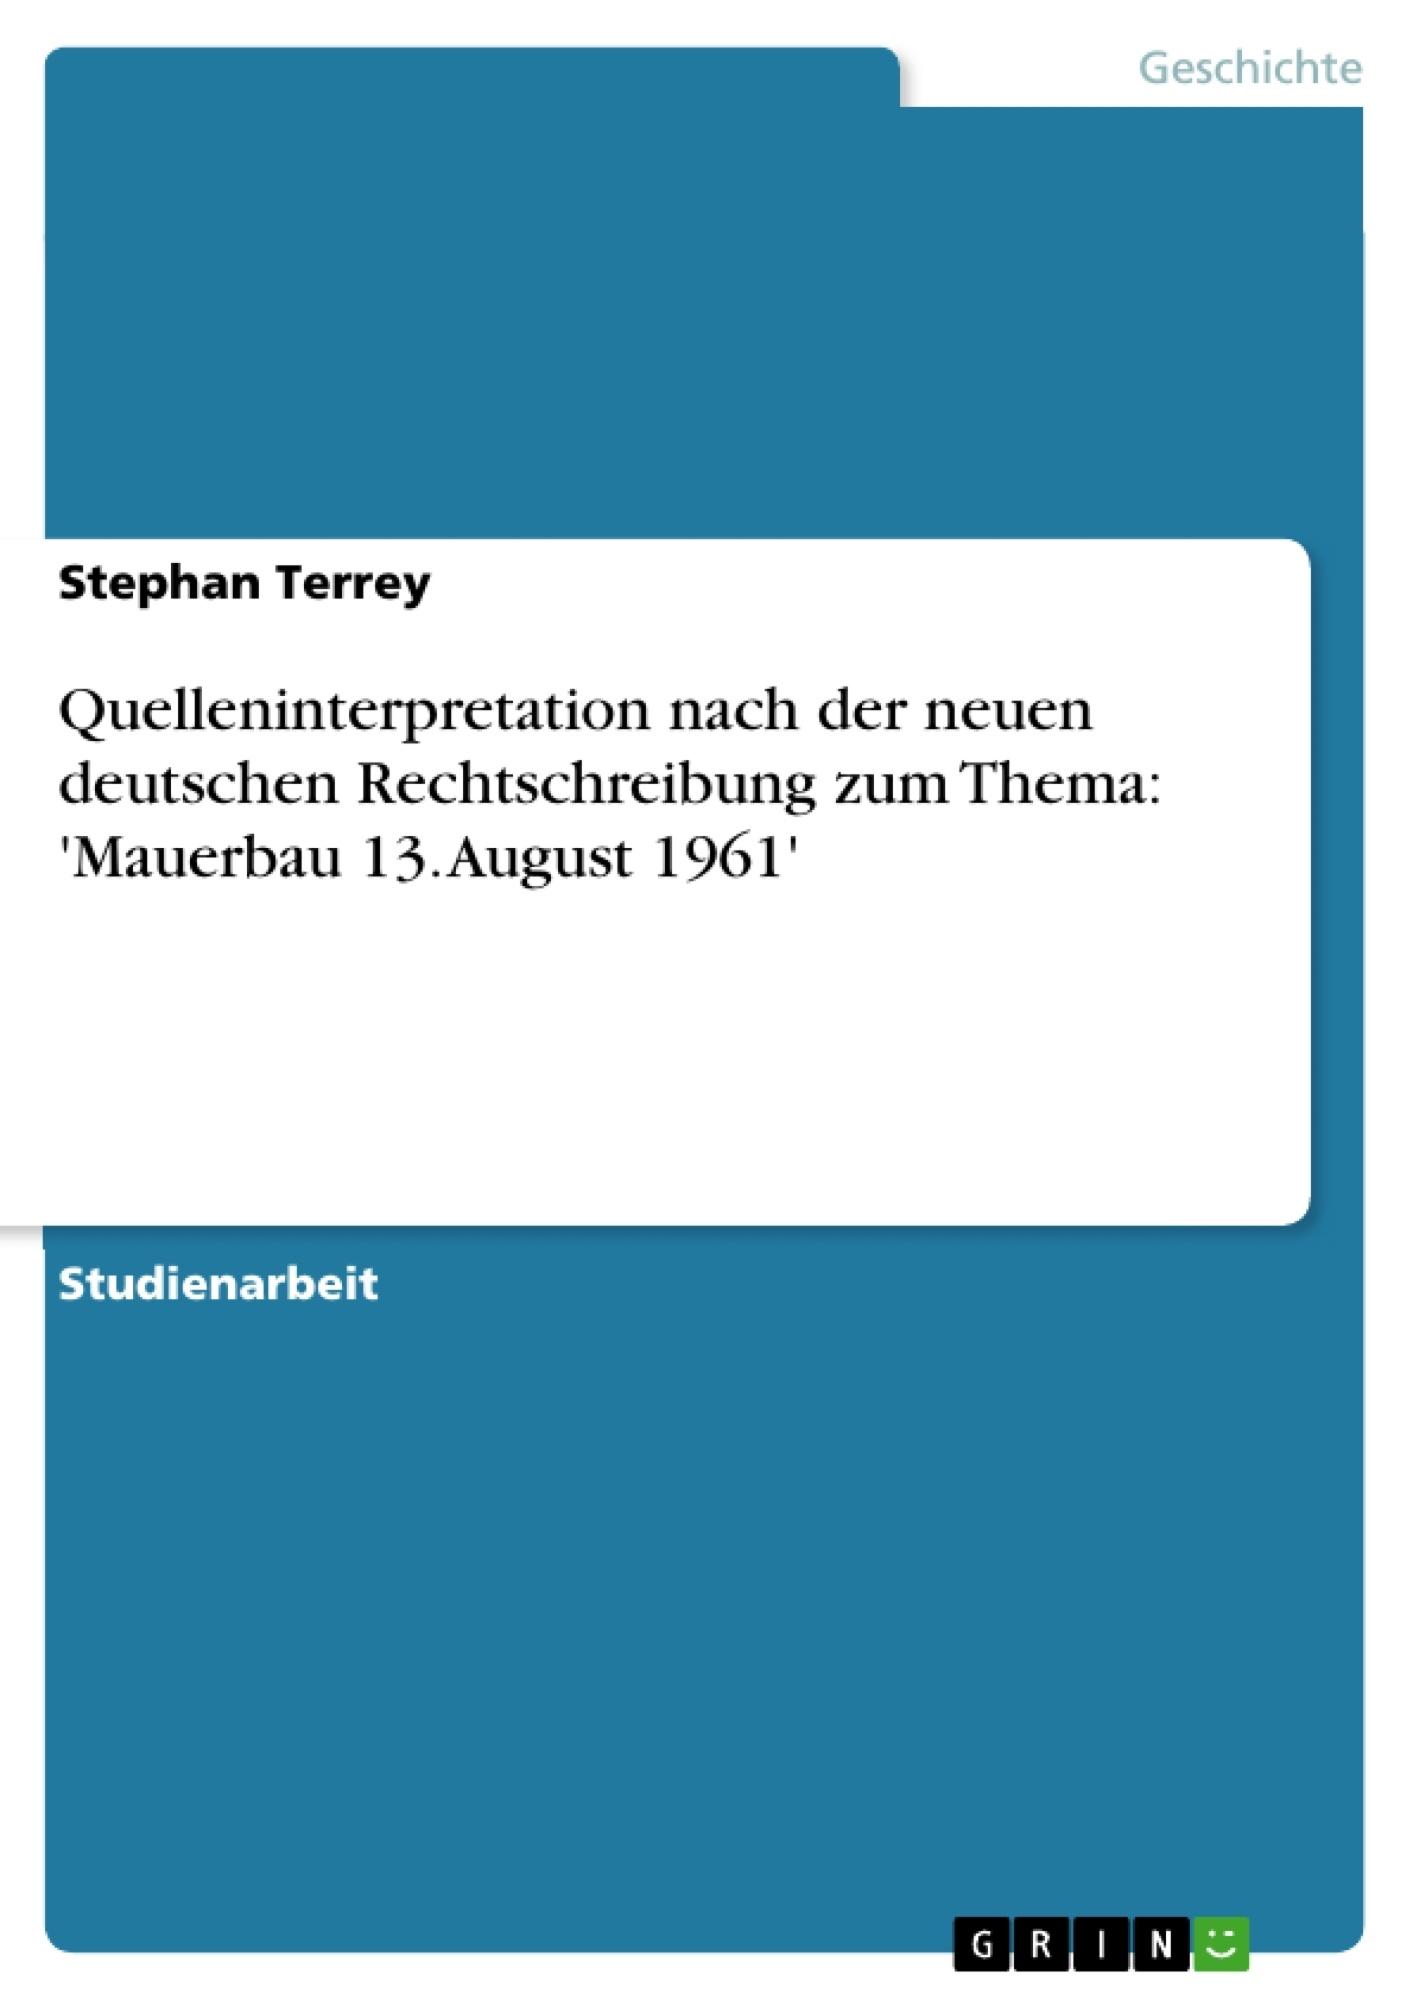 Titel: Quelleninterpretation nach der neuen deutschen Rechtschreibung zum Thema: 'Mauerbau 13. August 1961'